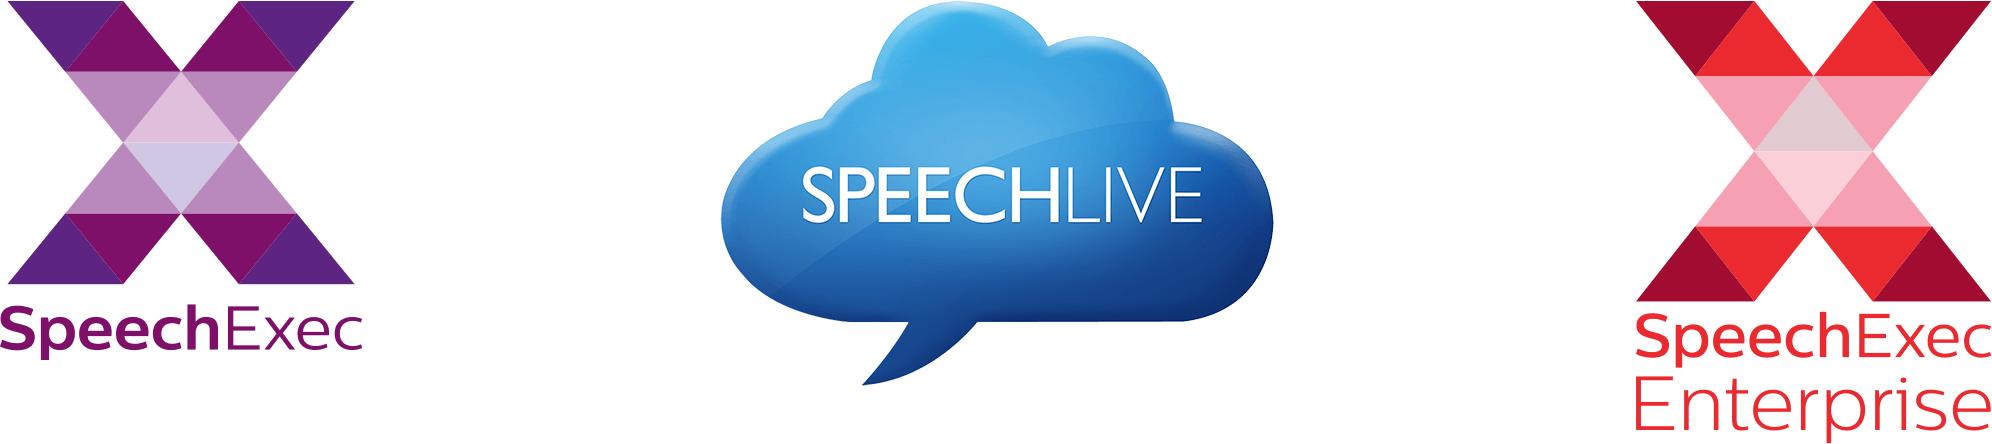 speechair-compatible